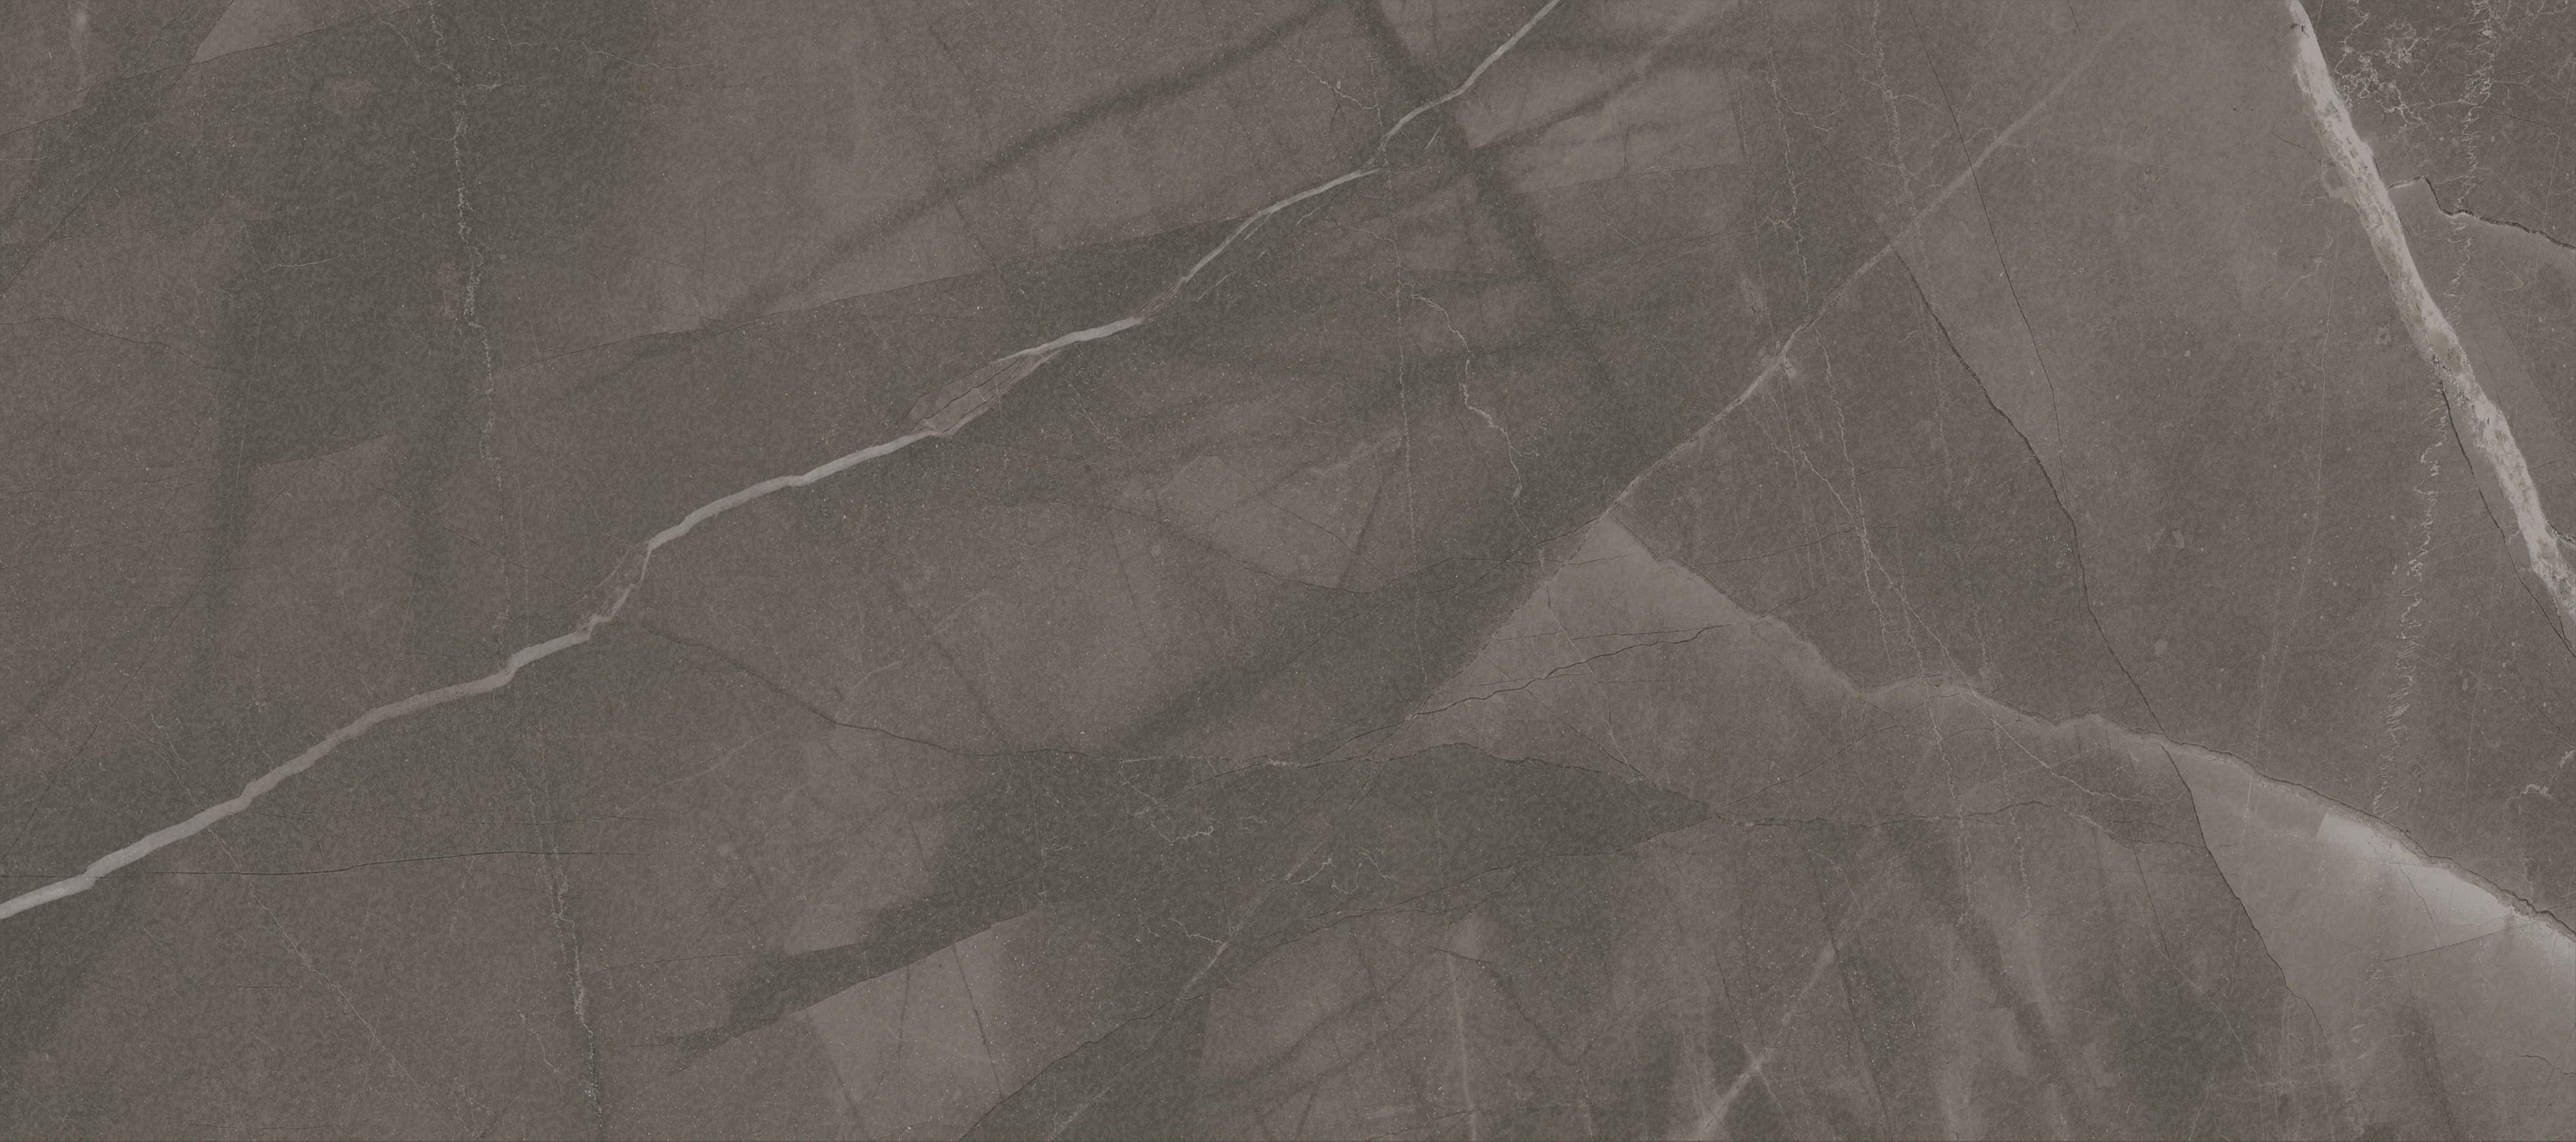 Купить Керамическая плитка Roca Ceramica Marble Pulpis Vison Rectificado настенная 30x90, Испания